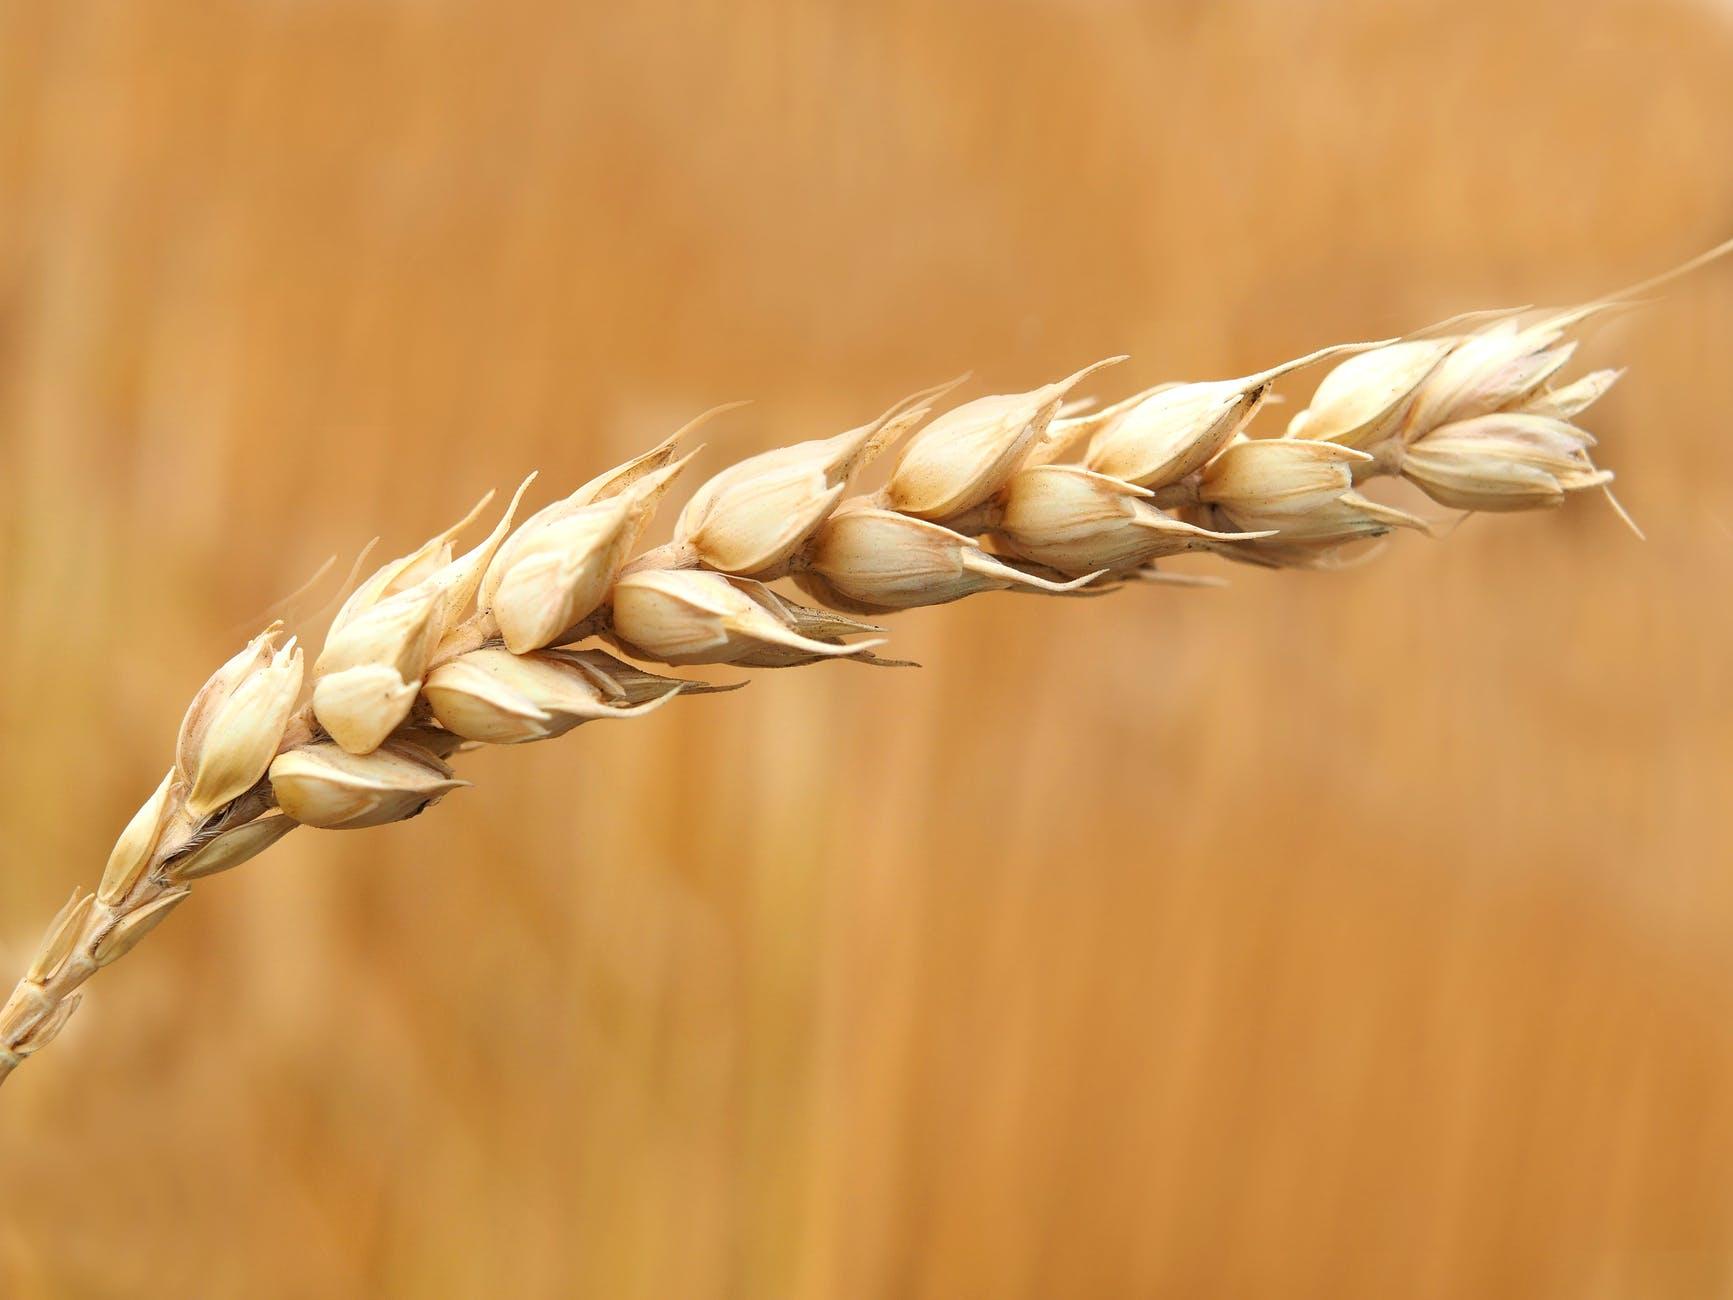 wheat-wheat-field-cereals-field-158603